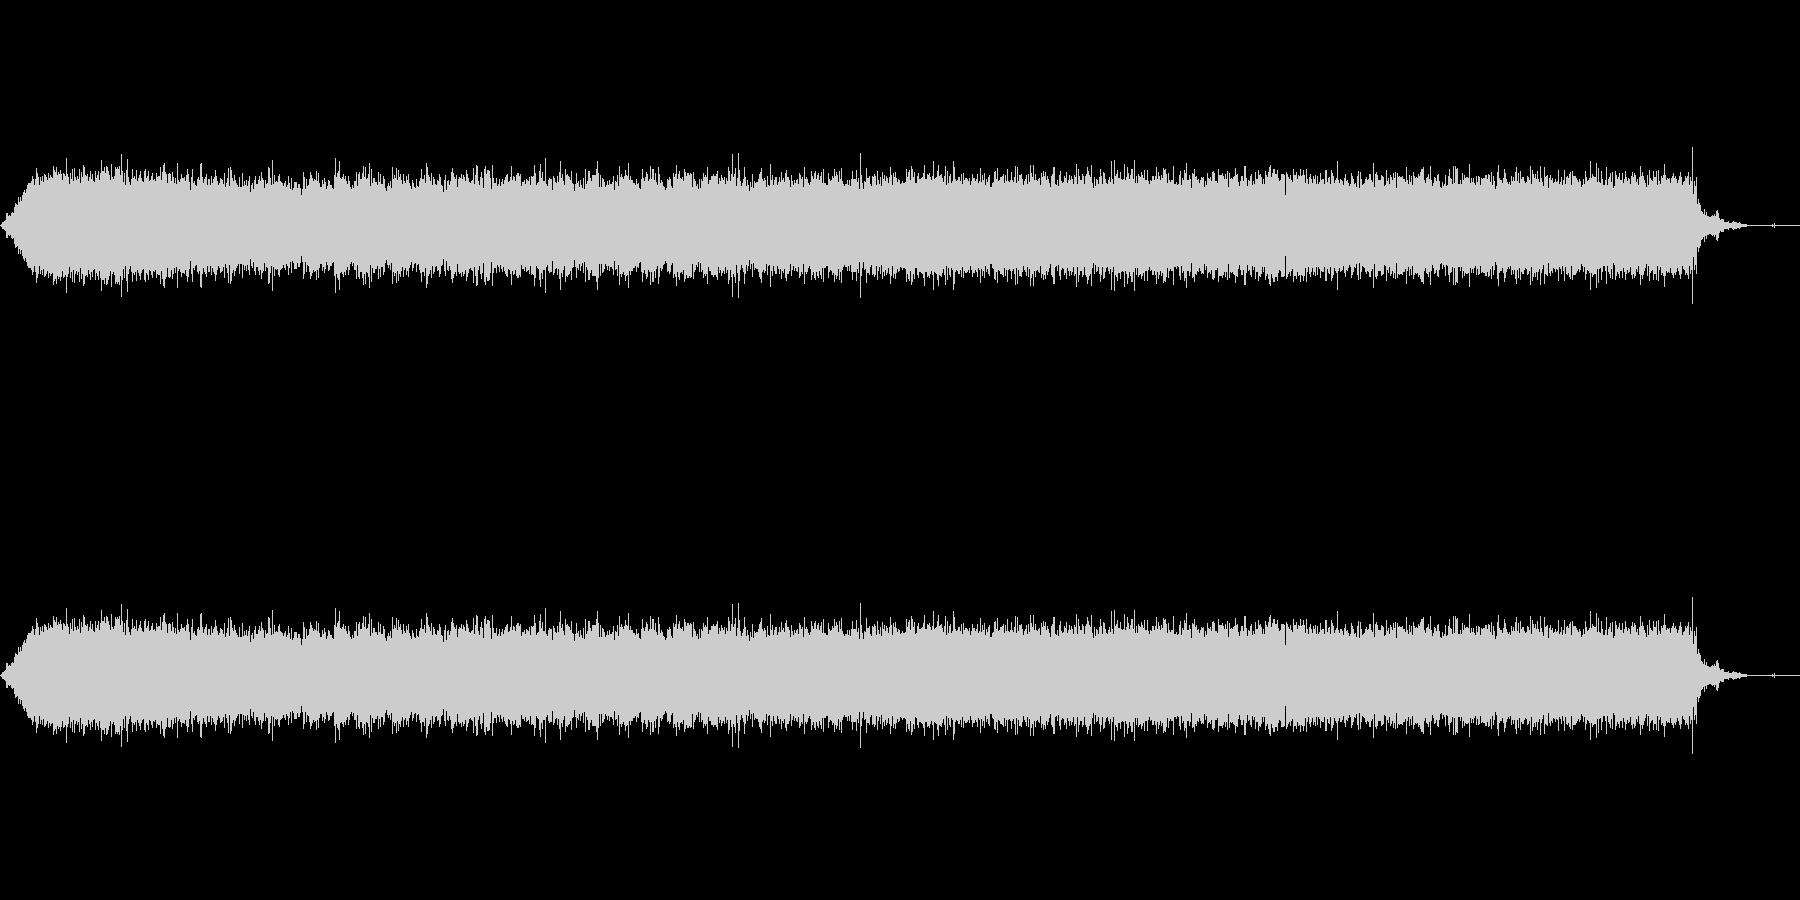 【生音】ガーーーーー!ヘアドライヤーの音の未再生の波形